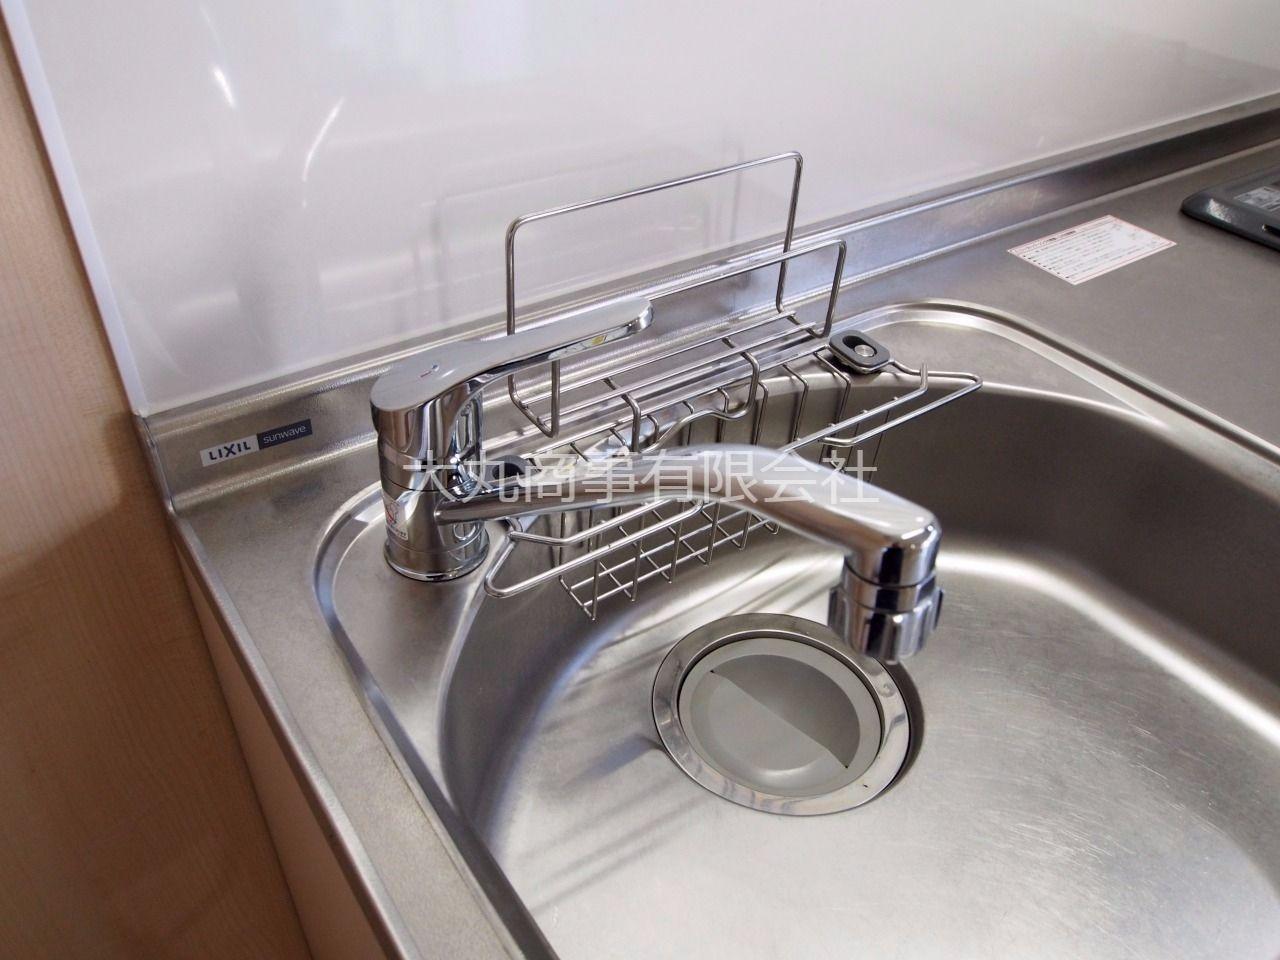 使い勝手の良いワンレバー式のキッチン水栓